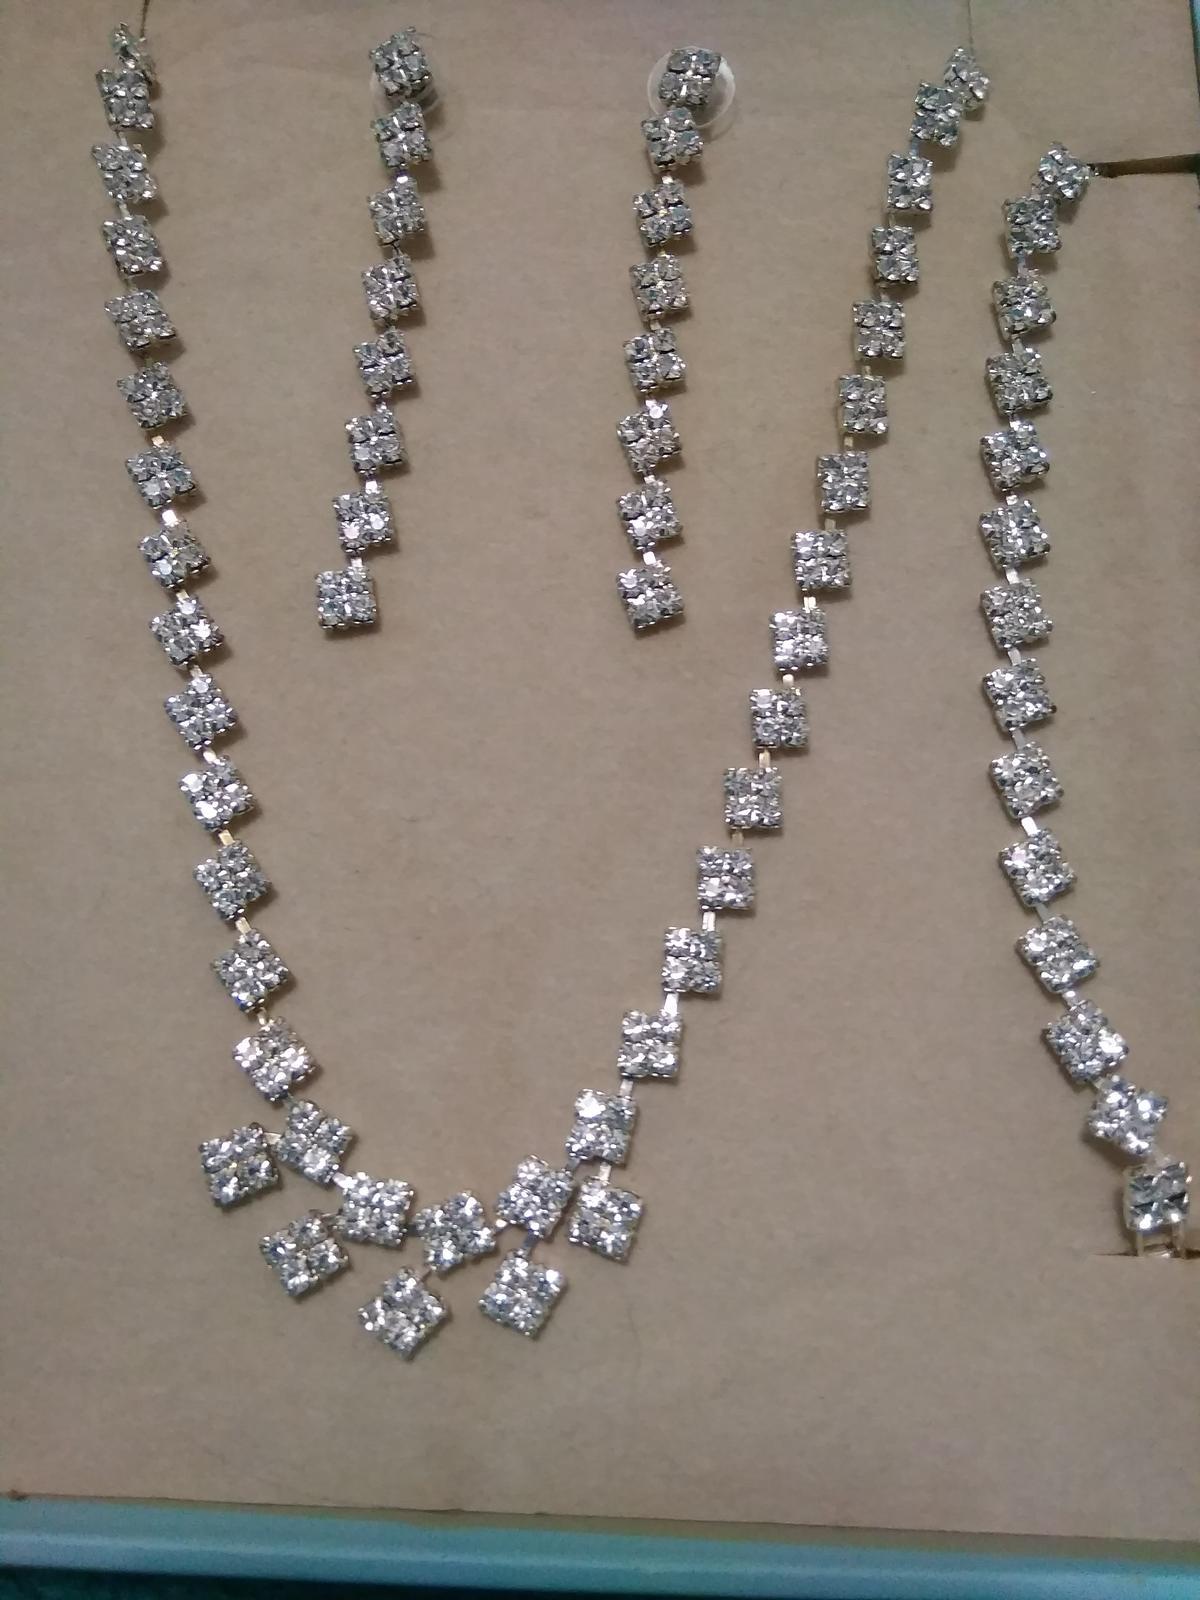 štrasový náhrdelník, náušnice, náramek - Obrázek č. 1